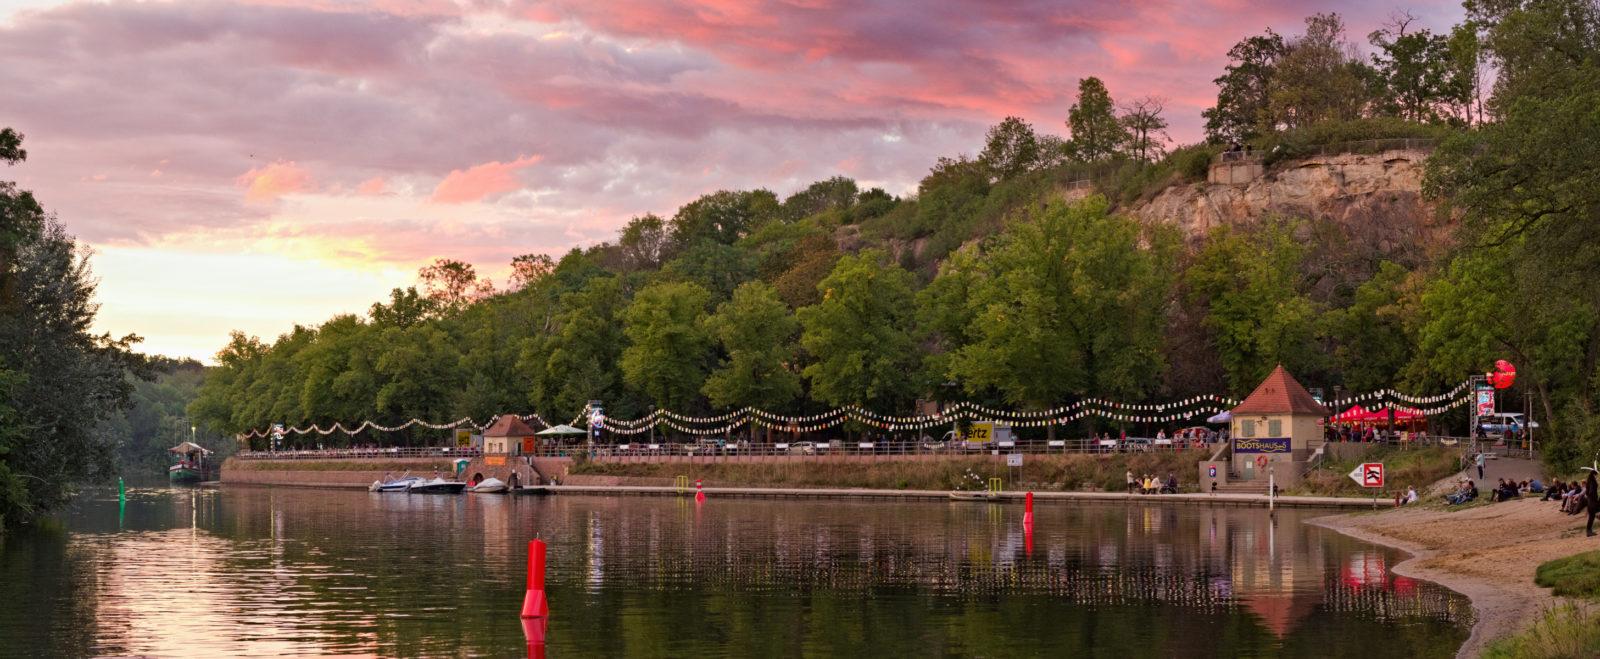 Blick von der Ziegelwiese des Peißnitzparks in Halle auf das Riveufer, ein befestigte Uferanlage aus Sand- und Backstein. Der rosafarbene Sonnenuntergang taucht den Fluss, die Bäume und die dahinterliegende Feldklippe in kitschiges Licht. Am Ufer sind Laternenreihen aufgehangen. Foto: Jonas Kessel